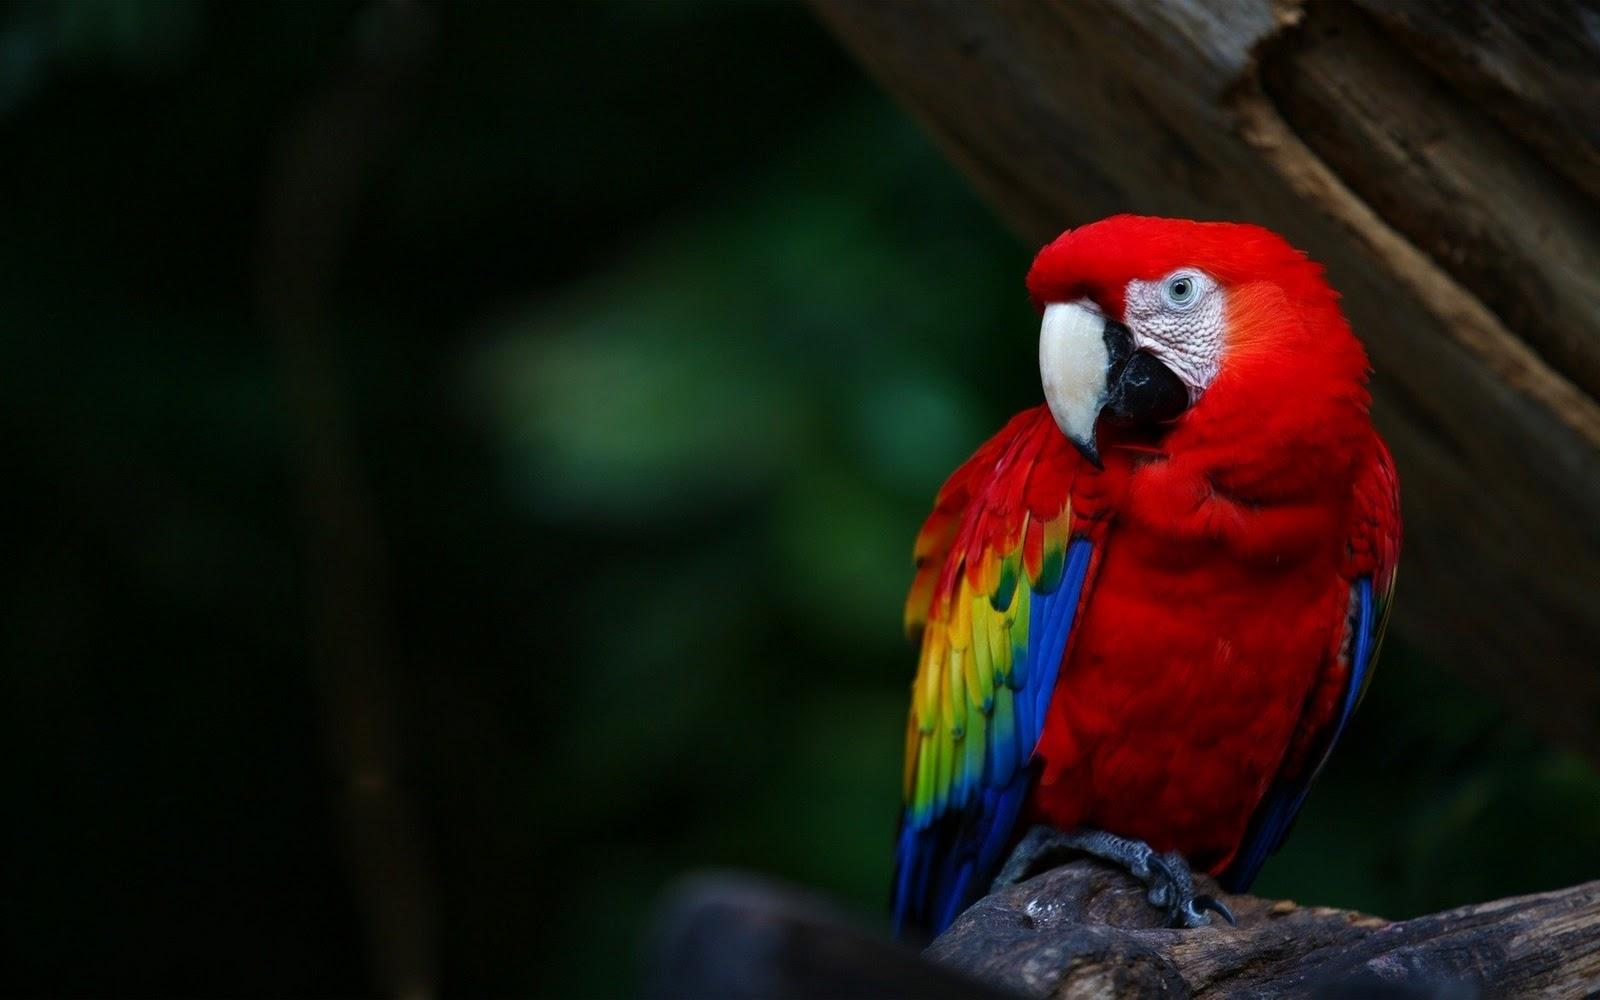 http://1.bp.blogspot.com/-k3TSbTurjR8/TsQKtenORLI/AAAAAAAAA1w/Sbr-VOrS1gc/s1600/Mr+Lonly+Parrot+HD+Wallpaper+-+LoveWallpapers4u.Blogspot.Com.jpg